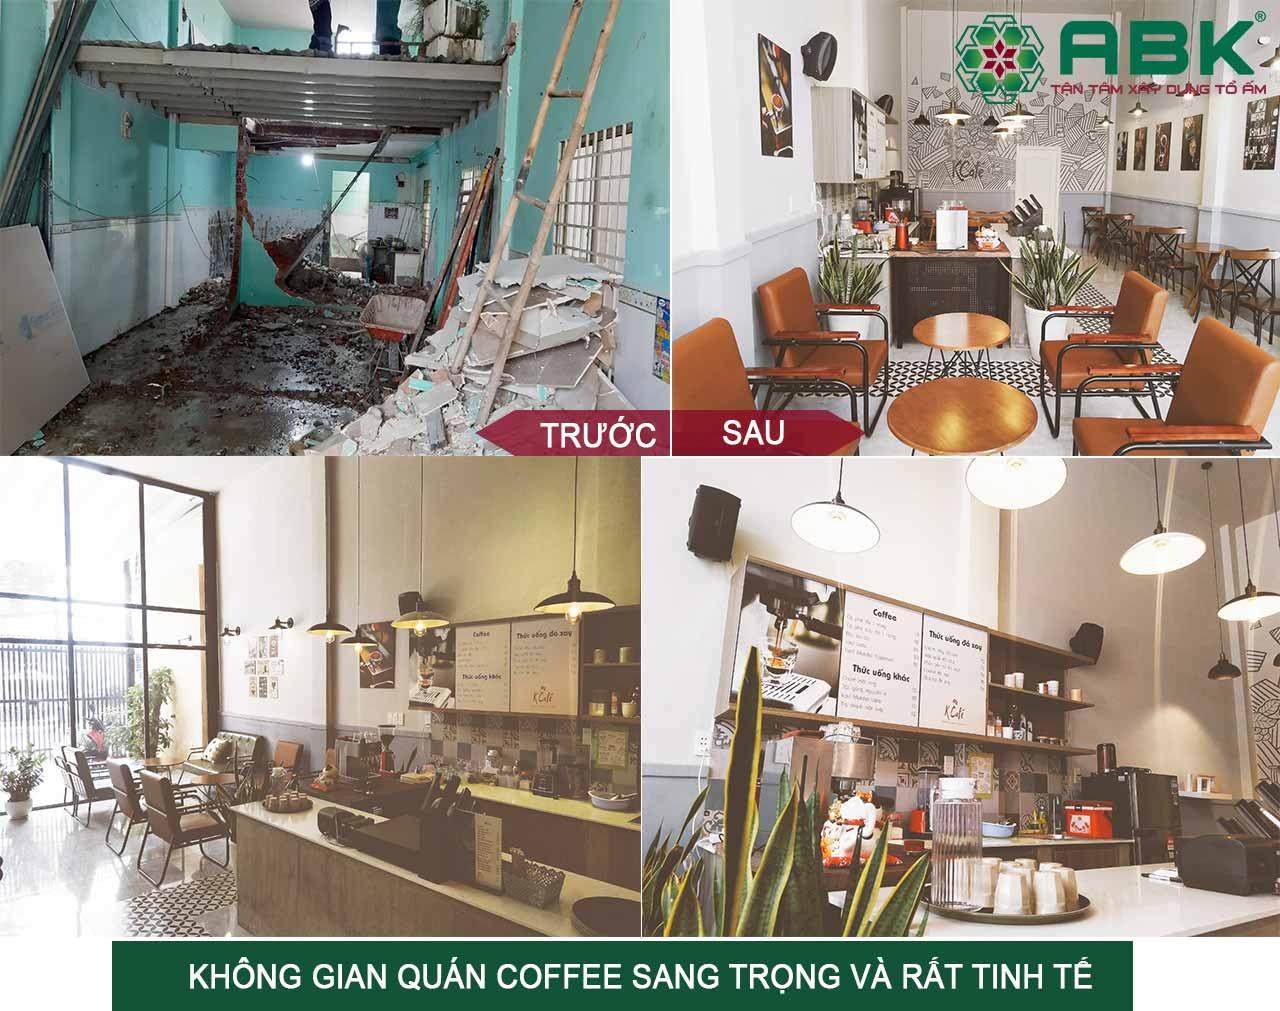 Sửa nhà cấp 4 thành quán cà phê